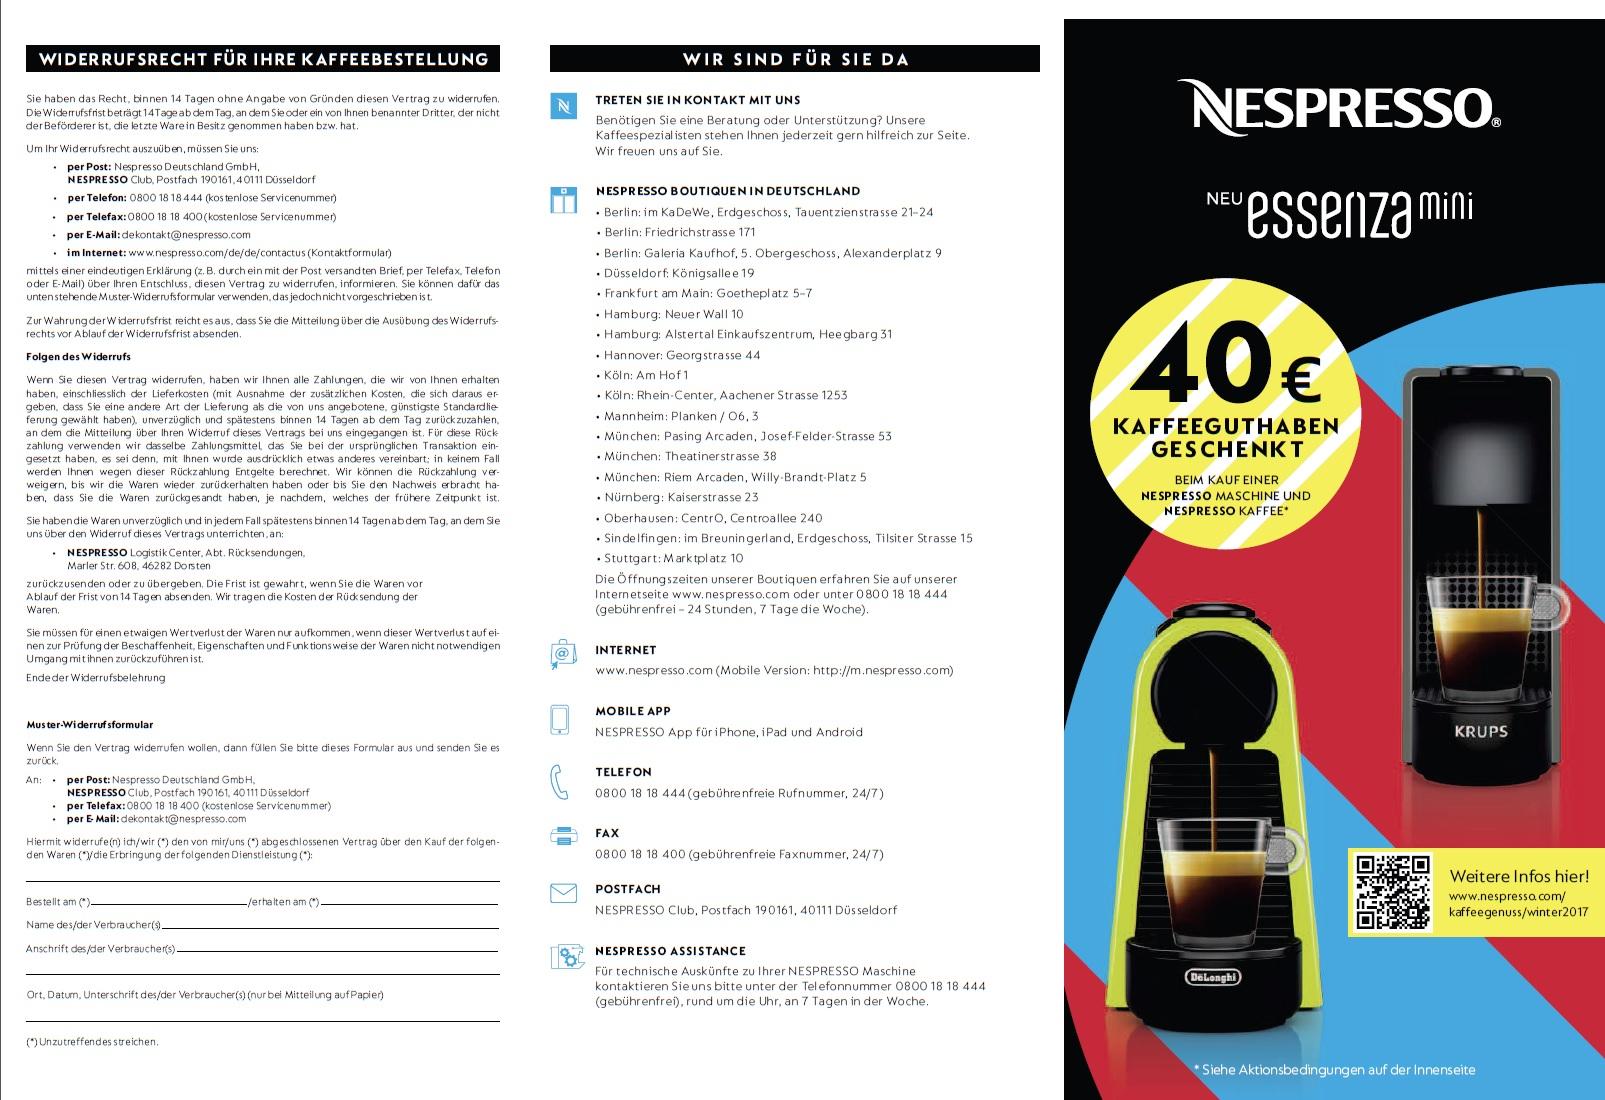 40 € Guthaben beim Kauf einer Nespresso Maschine vom 02.10.17 - 21.01.18